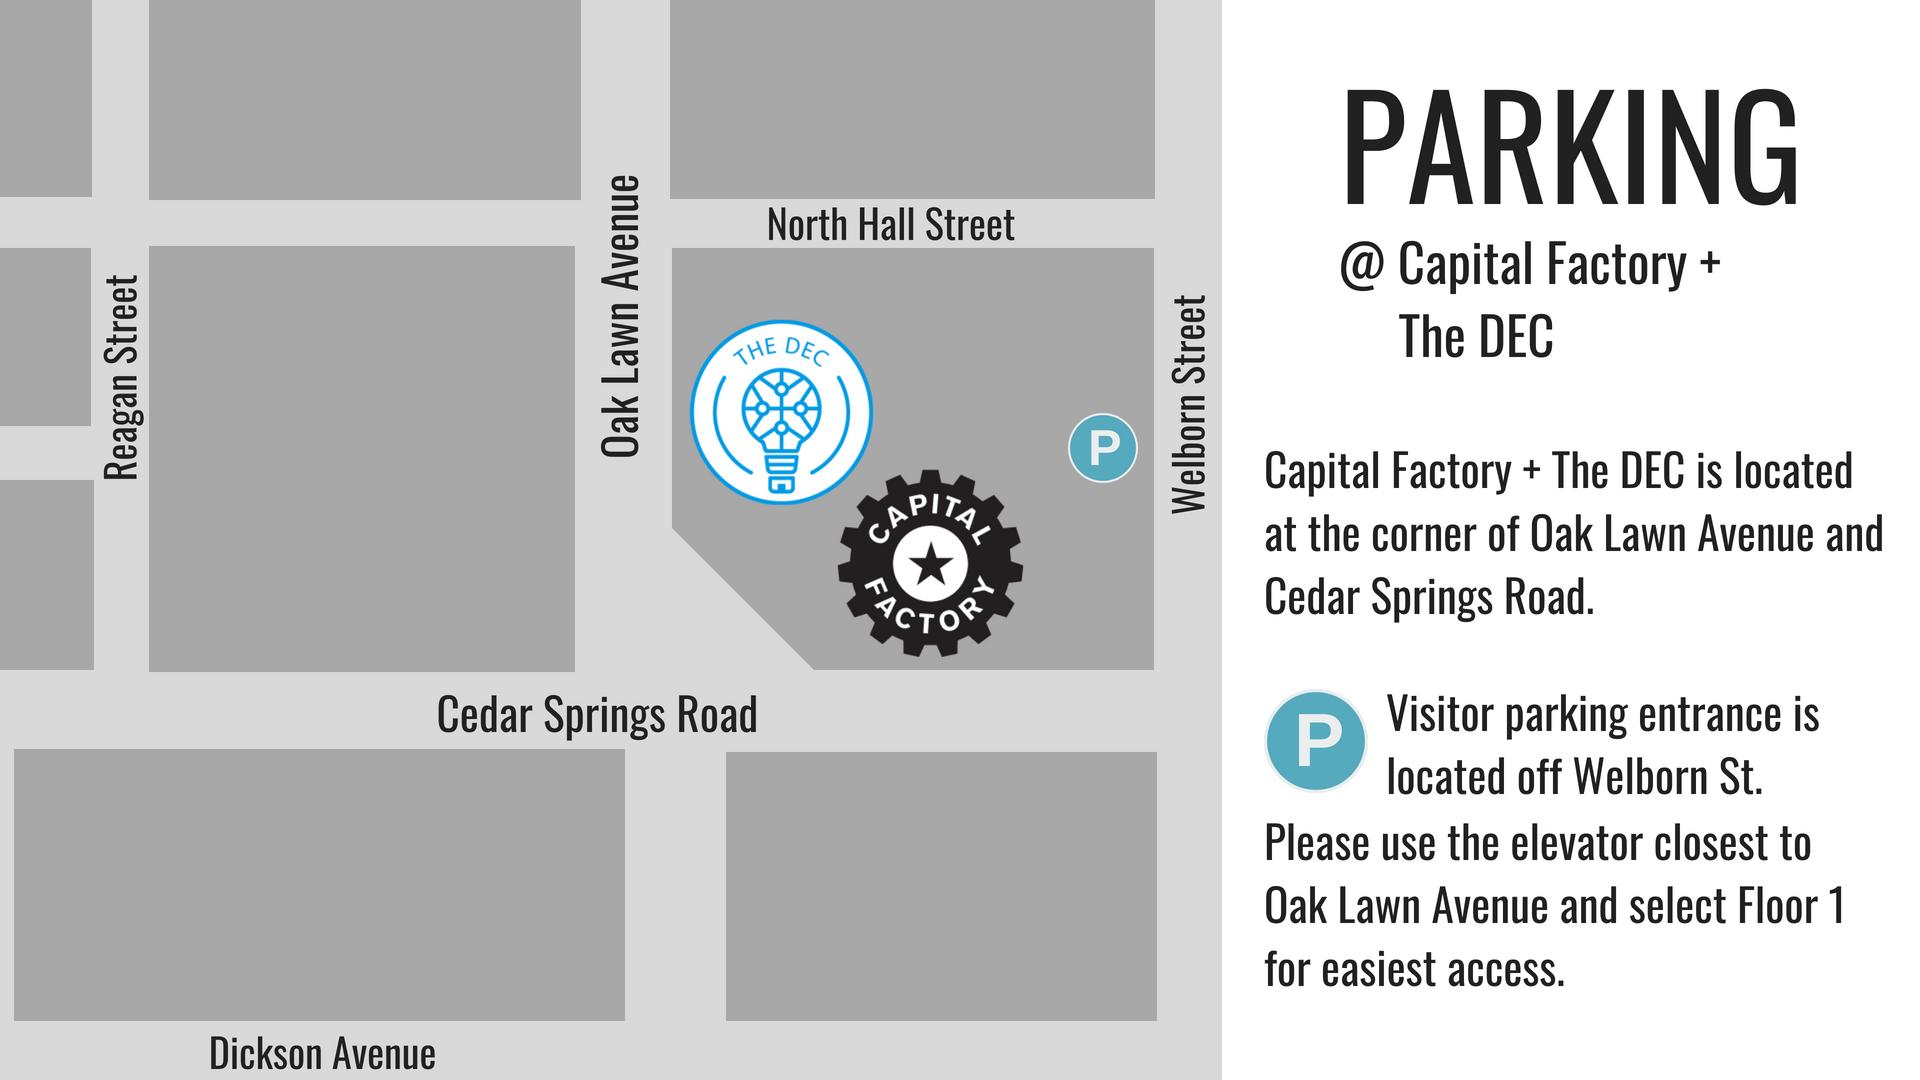 Oak-Lawn-Avenue-Parking.jpg